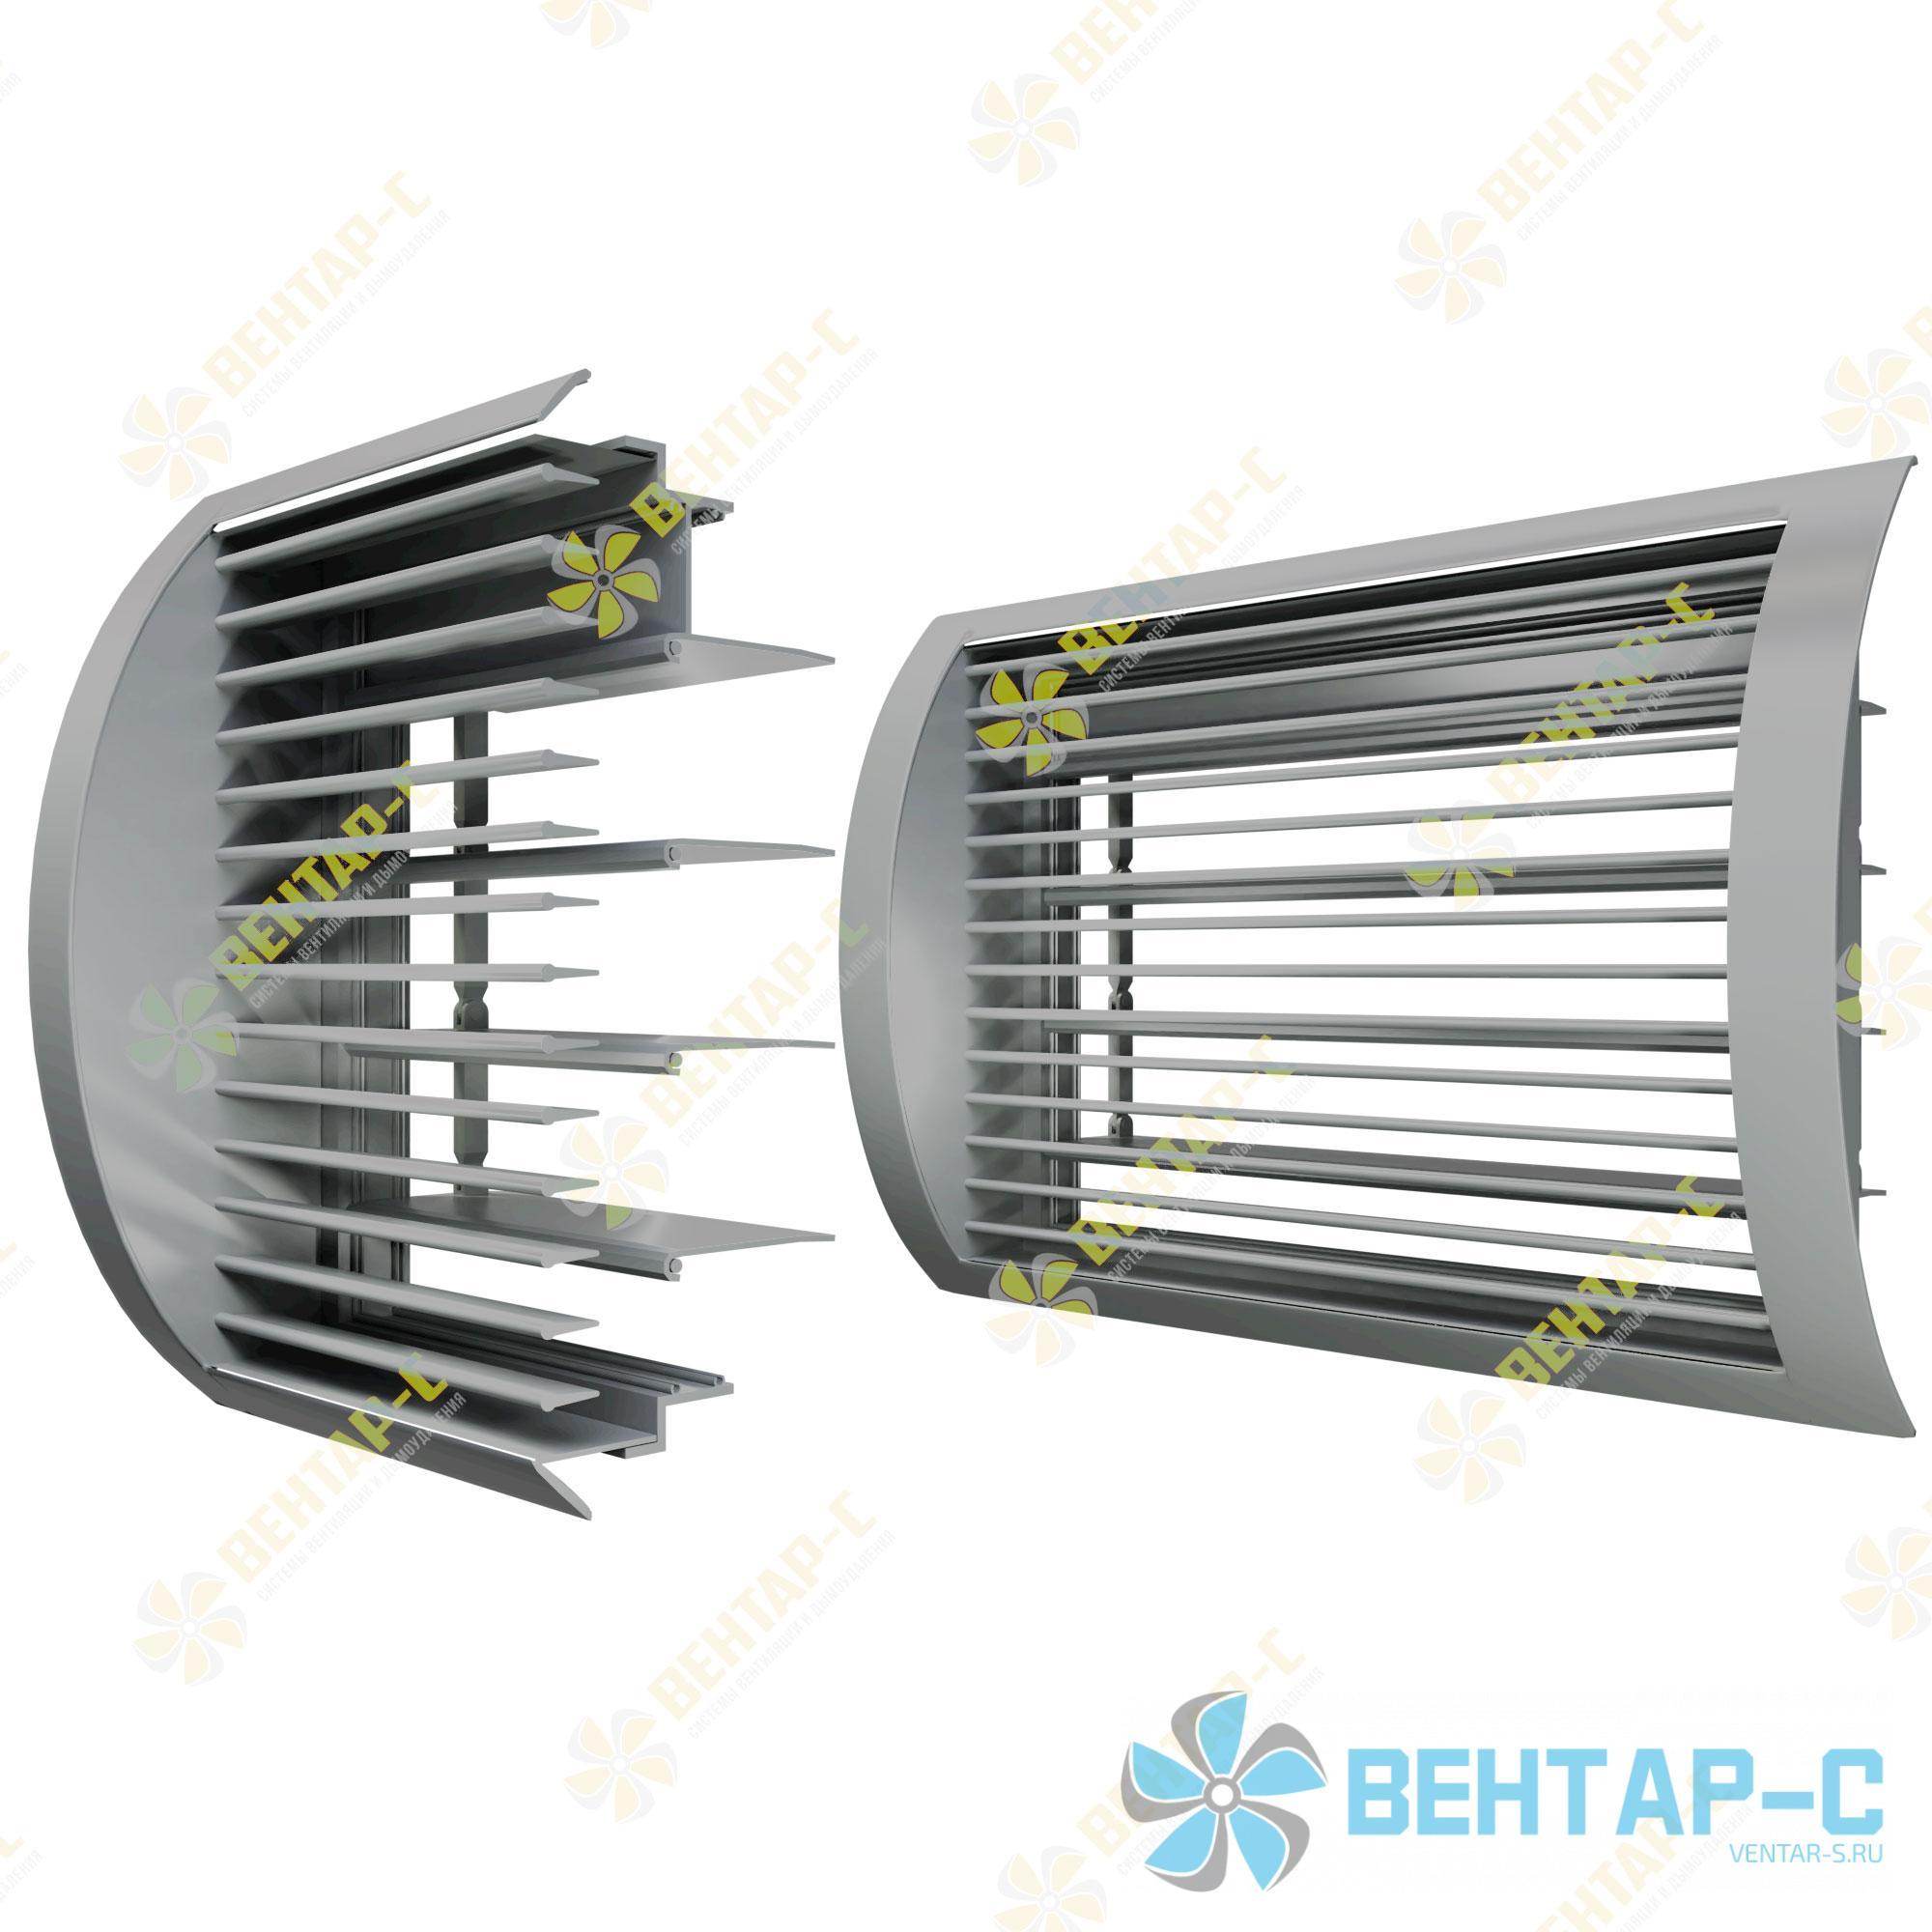 Цилиндрическая однорядная регулируемая вентиляционная решетка ОГРЦБ с блоком регулировки воздуха